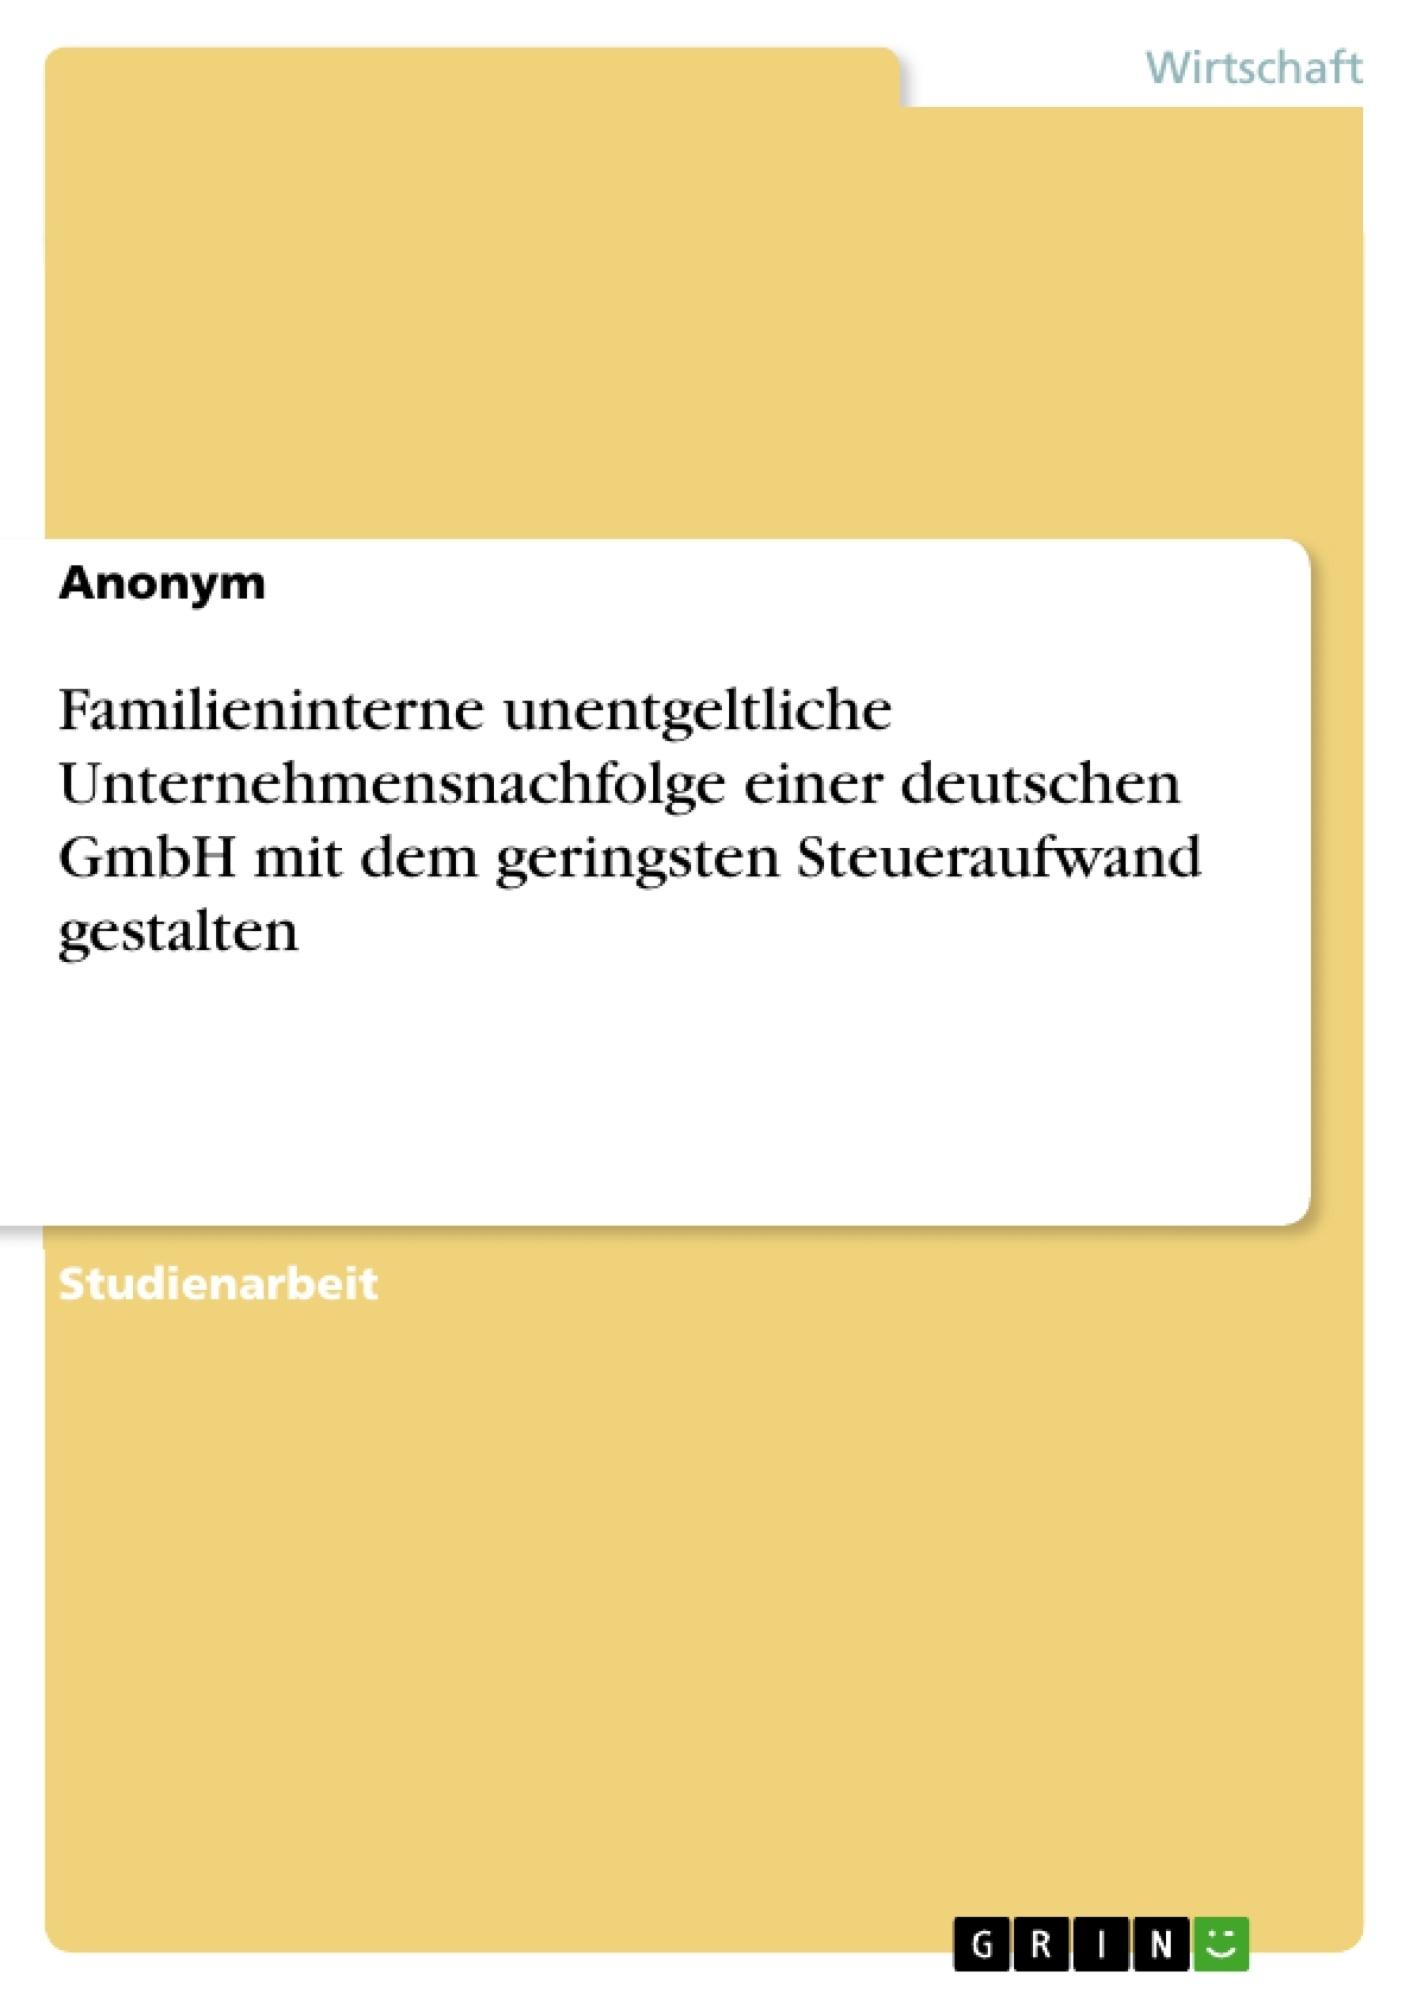 Titel: Familieninterne unentgeltliche Unternehmensnachfolge einer deutschen GmbH mit dem geringsten Steueraufwand gestalten